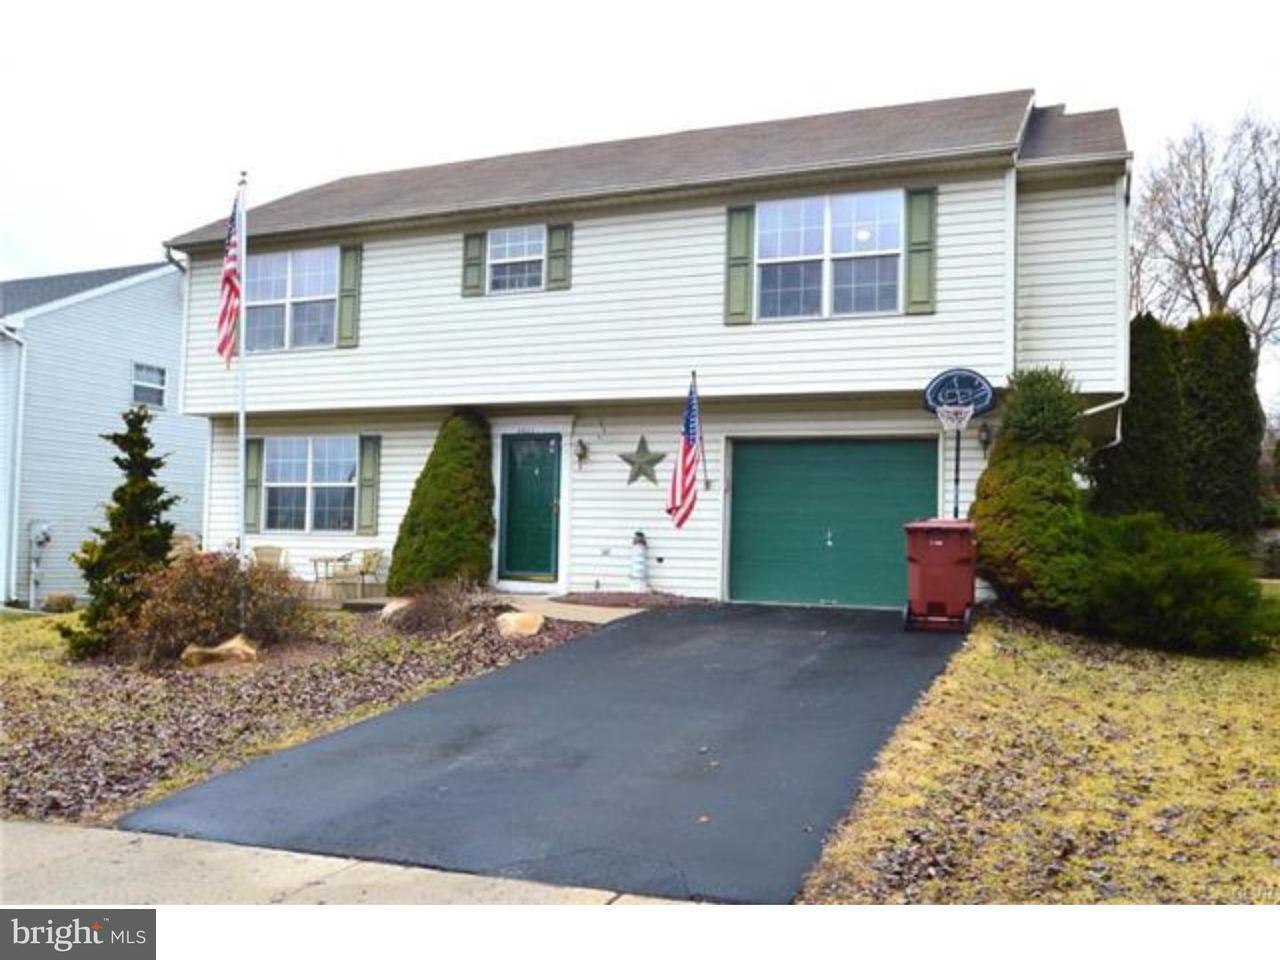 단독 가정 주택 용 매매 에 5021 FOXDALE Drive Whitehall, 펜실바니아 18052 미국